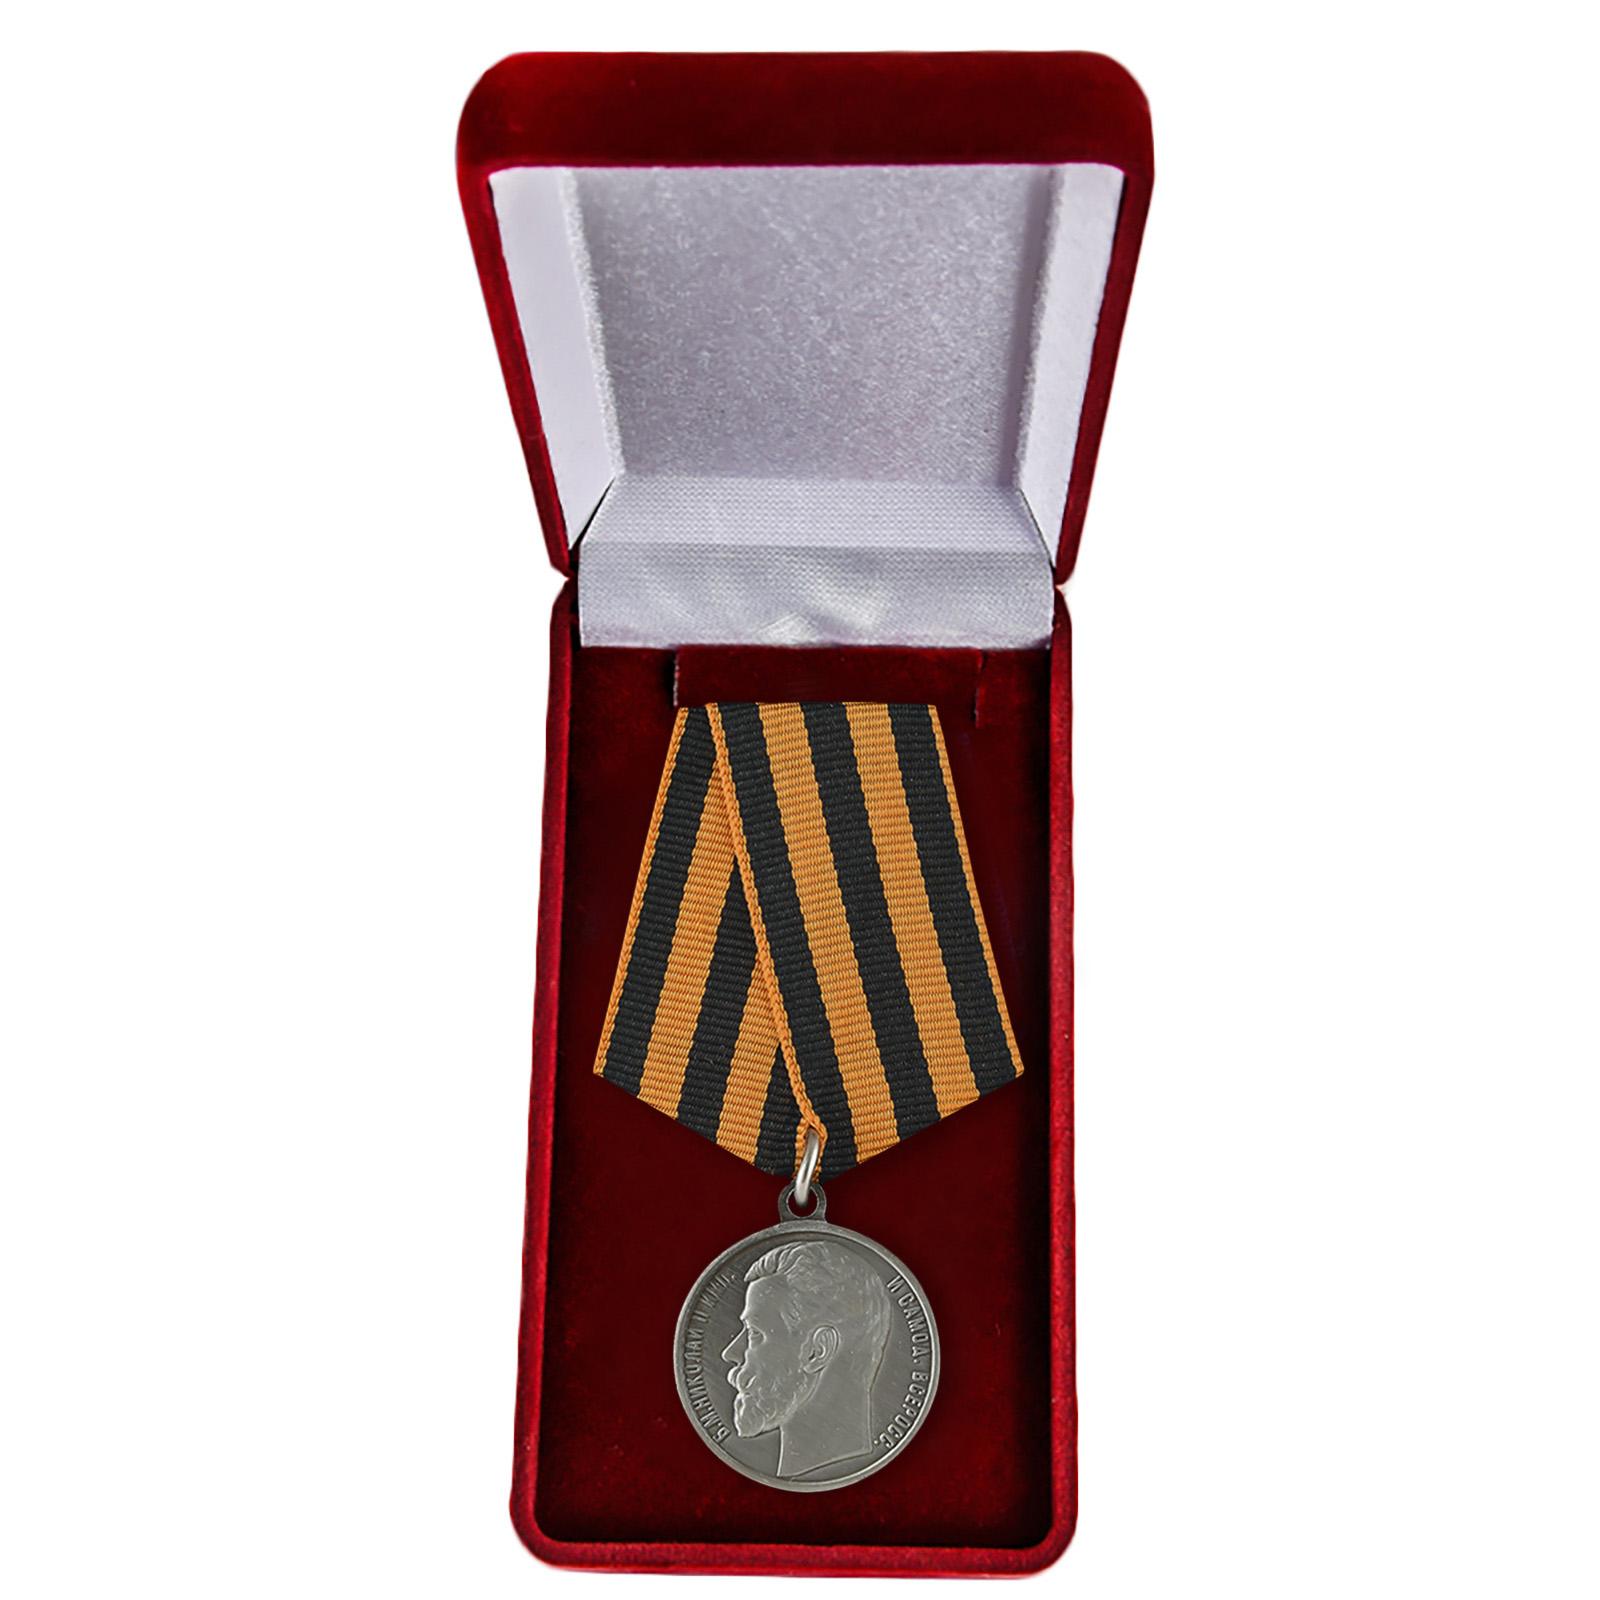 Георгиевская медаль Николая 2 За храбрость 4 степени - в футляре